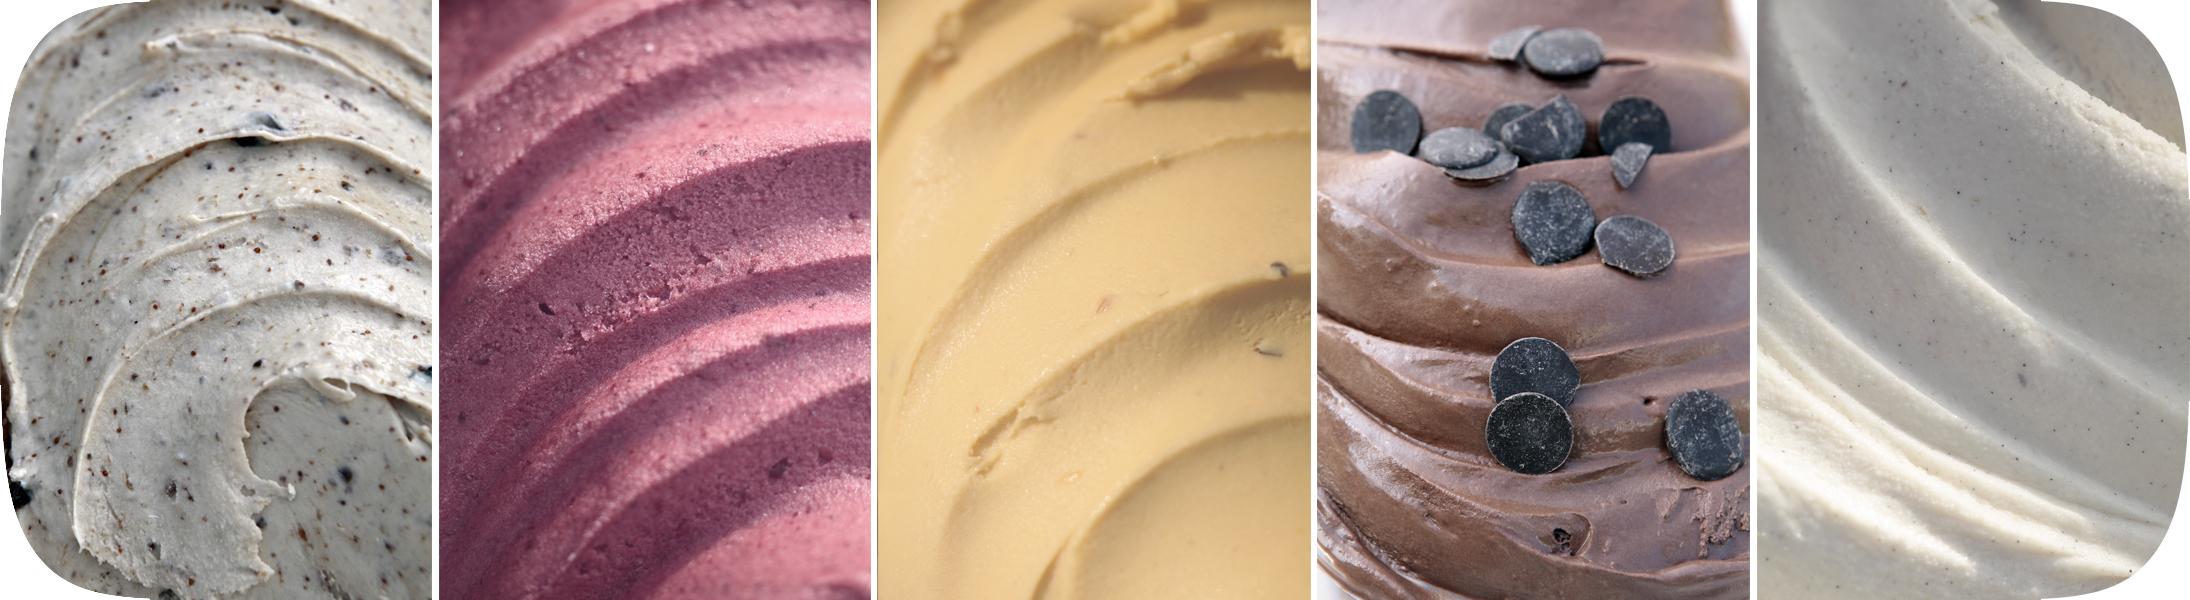 distintos sabores de helados artesanales